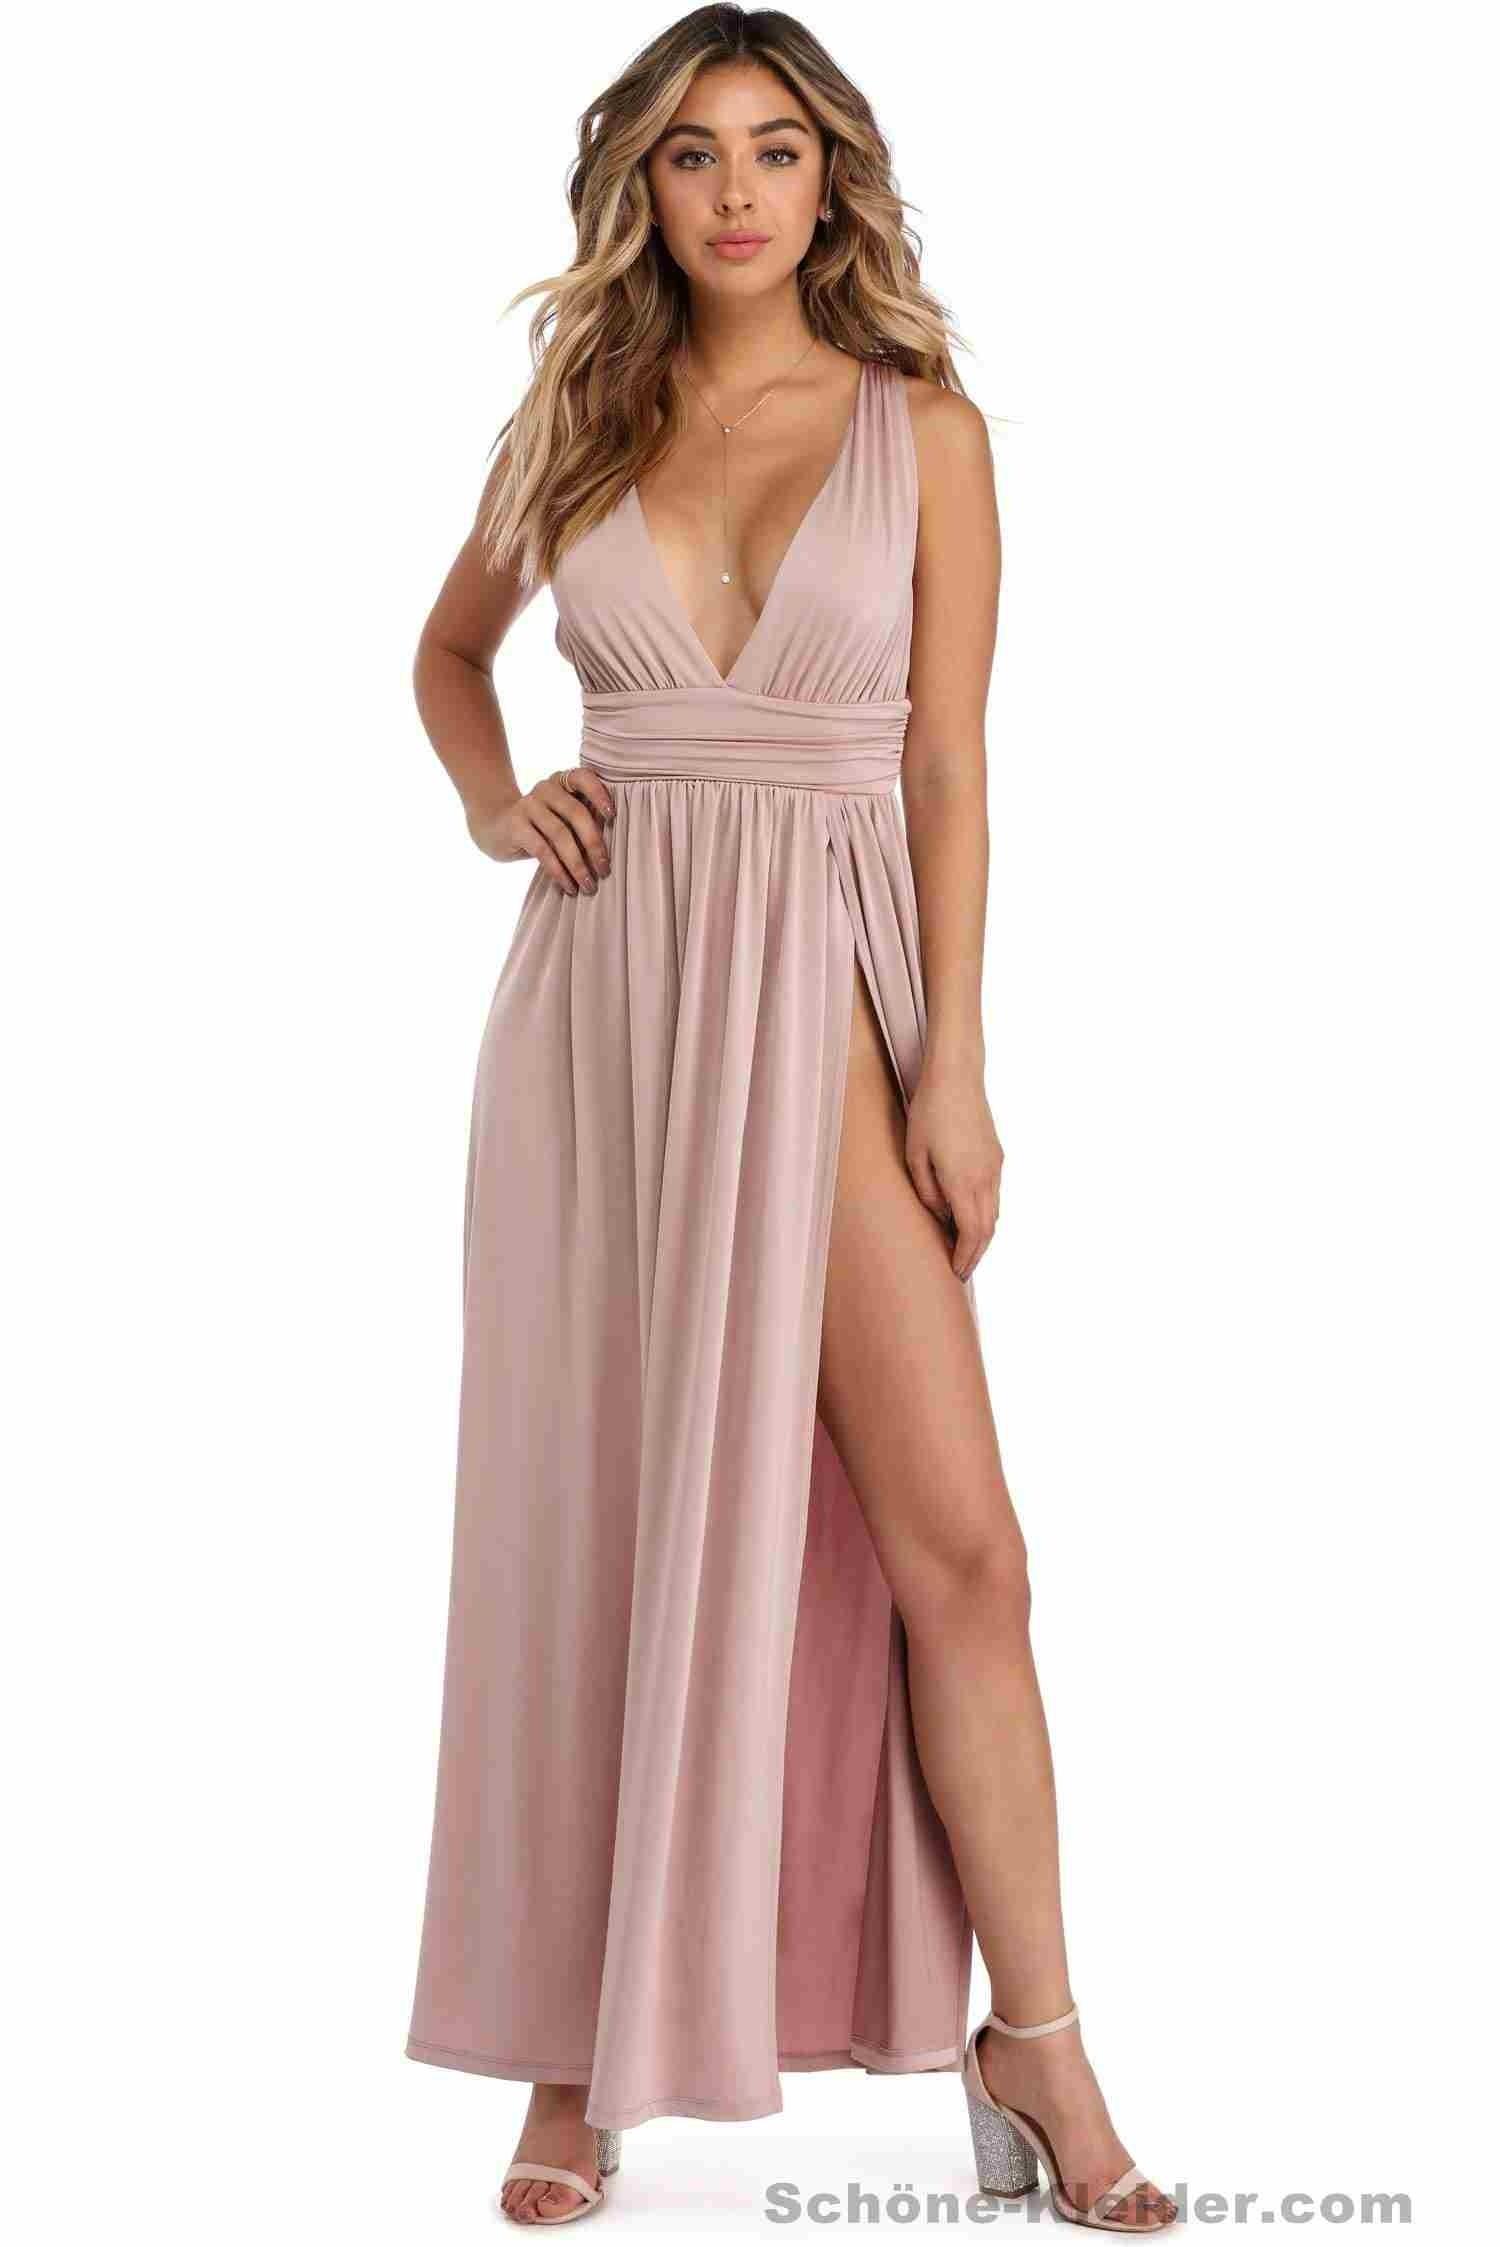 15 Einfach Lange Fließende Kleider Stylish Einfach Lange Fließende Kleider Stylish